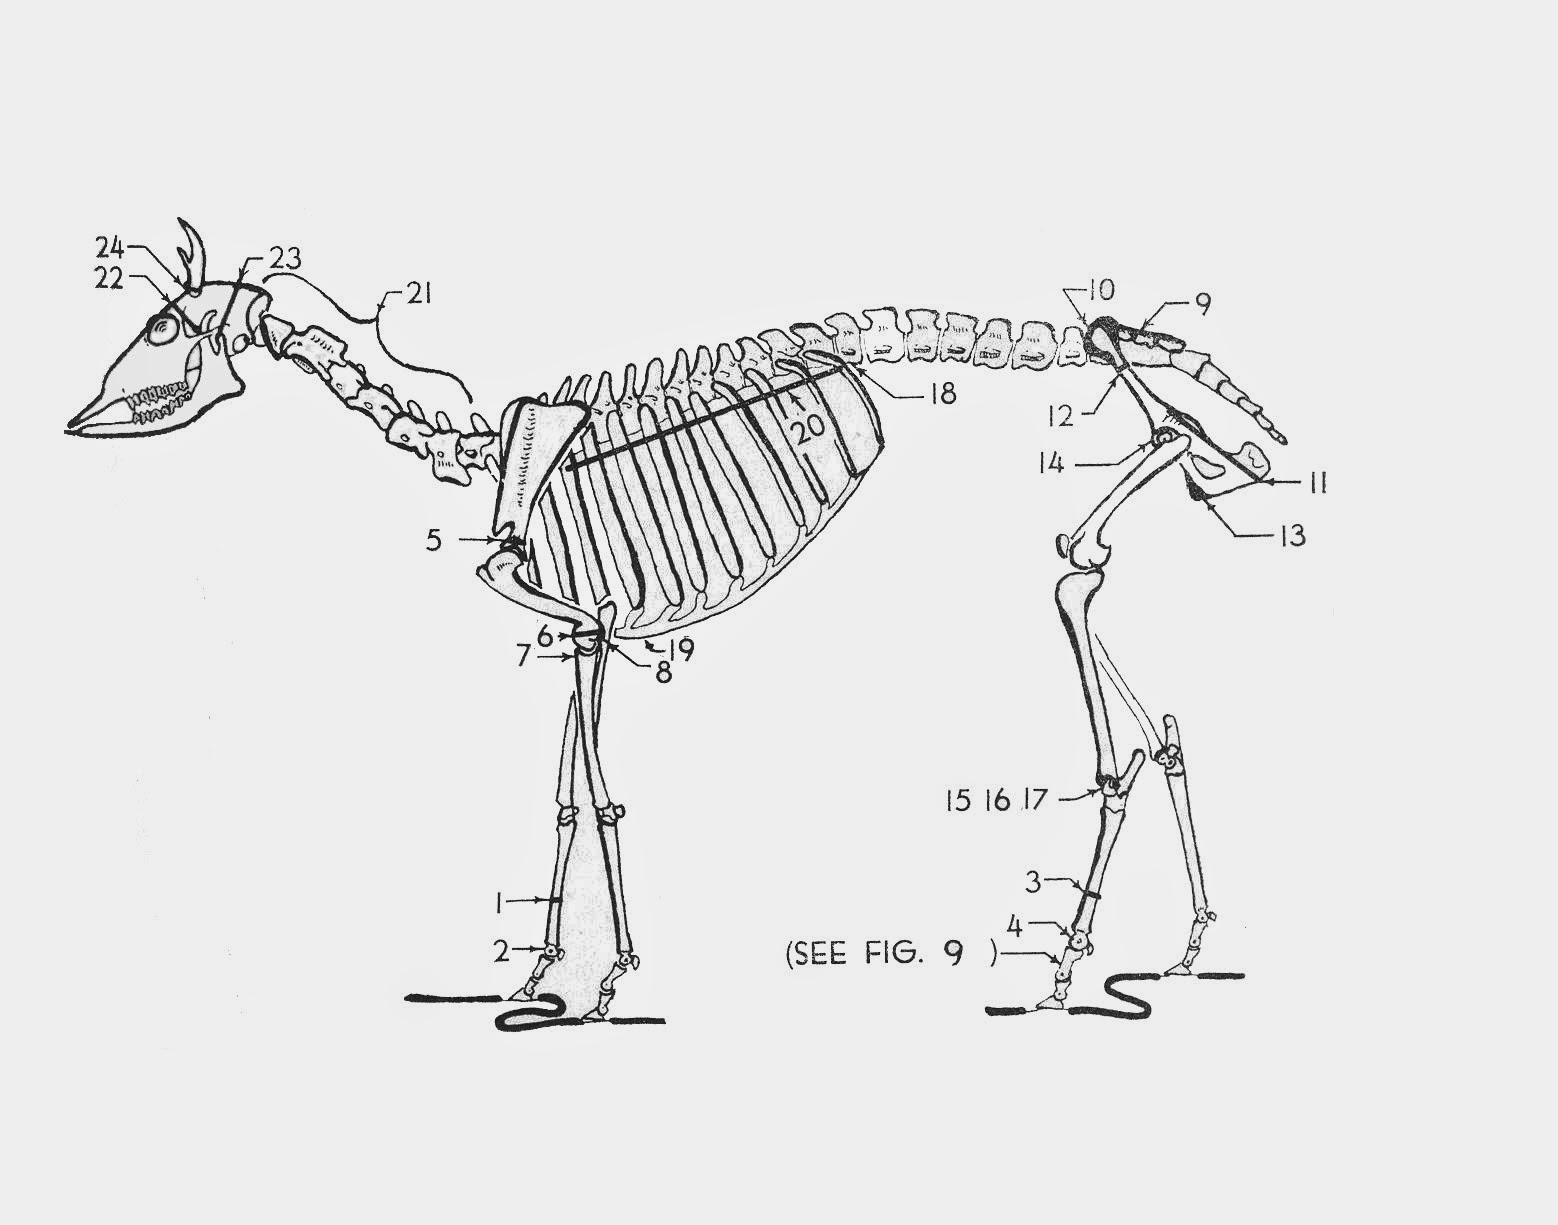 Deer Skeleton Diagram 1989 Honda Civic Radio Wiring This Week In Pennsylvania Archaeology Zooarchaeology